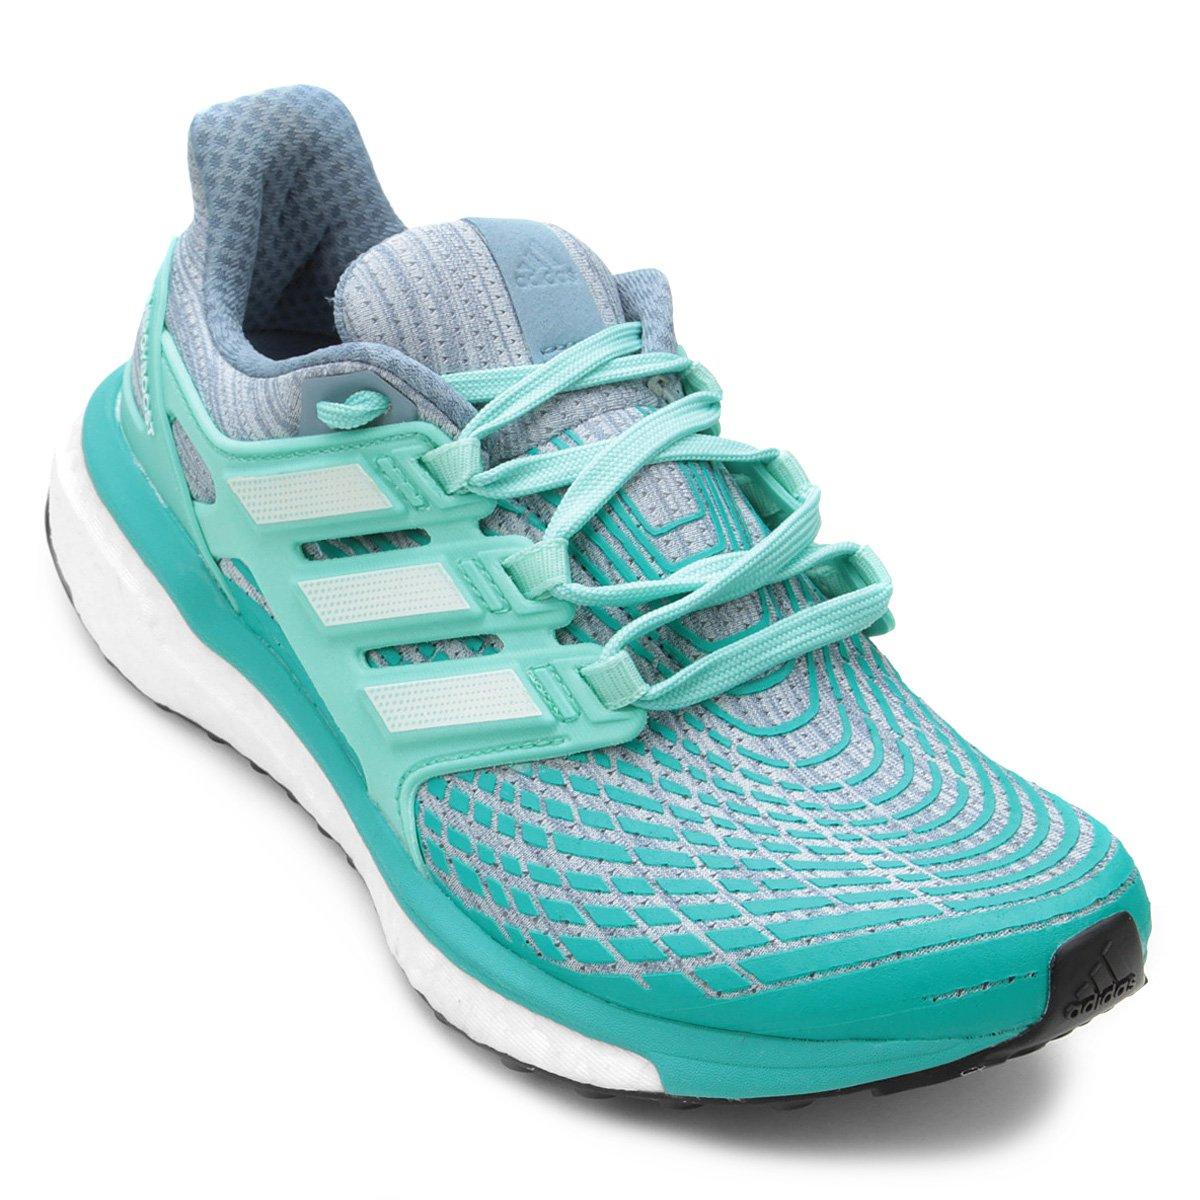 Tênis Adidas Energy Boost Feminino - Cinza e Branco - Compre Agora ... 91d8e7aa12a